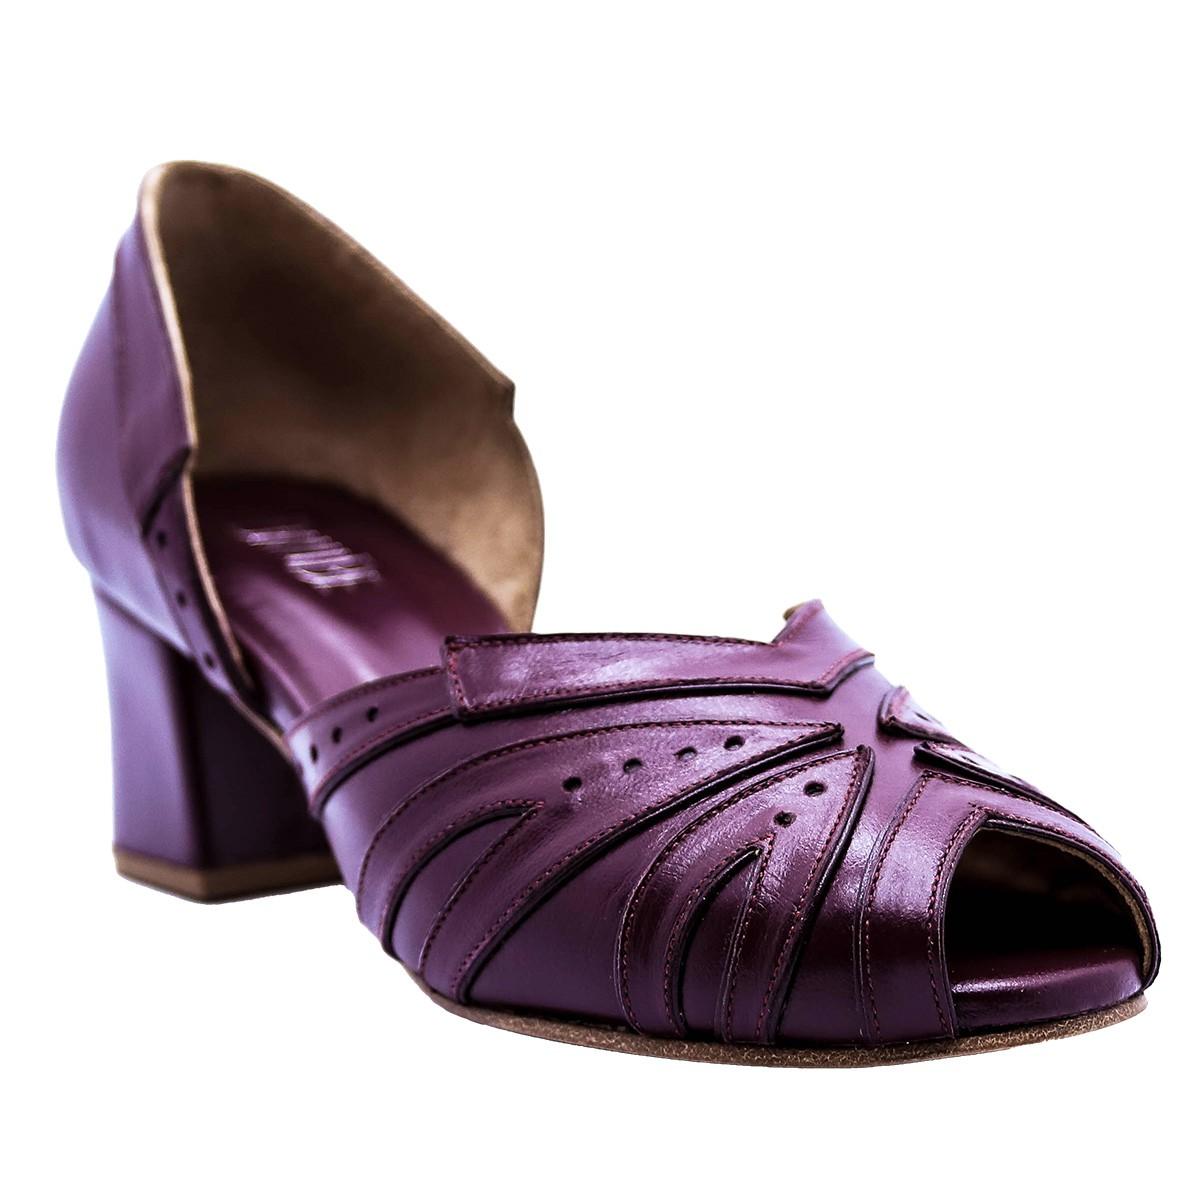 Sapato Manolo Pelica Vinho 4,5 cm